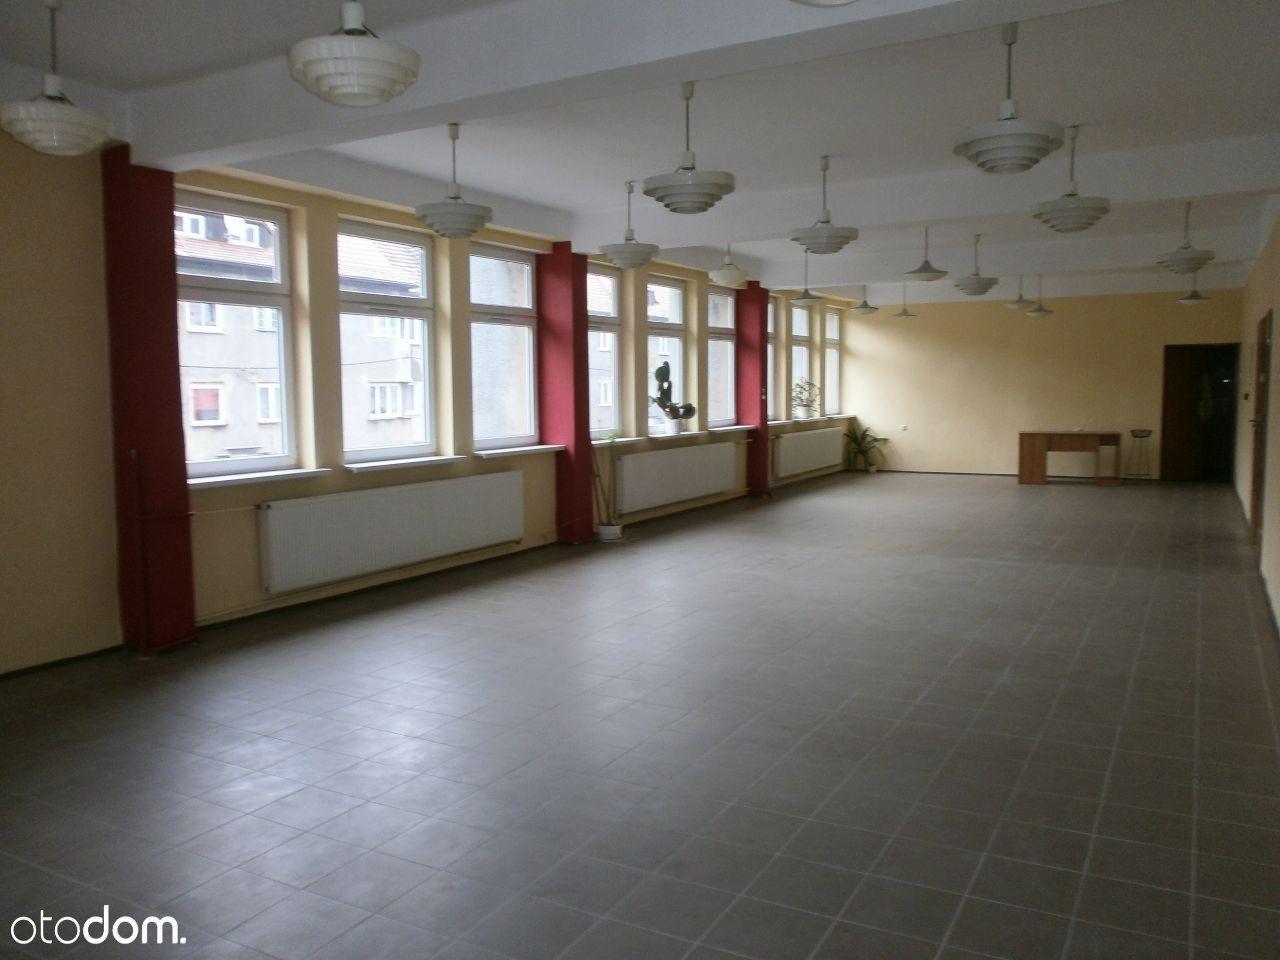 Lokal użytkowy na wynajem, Bytom, Śródmieście - Foto 1